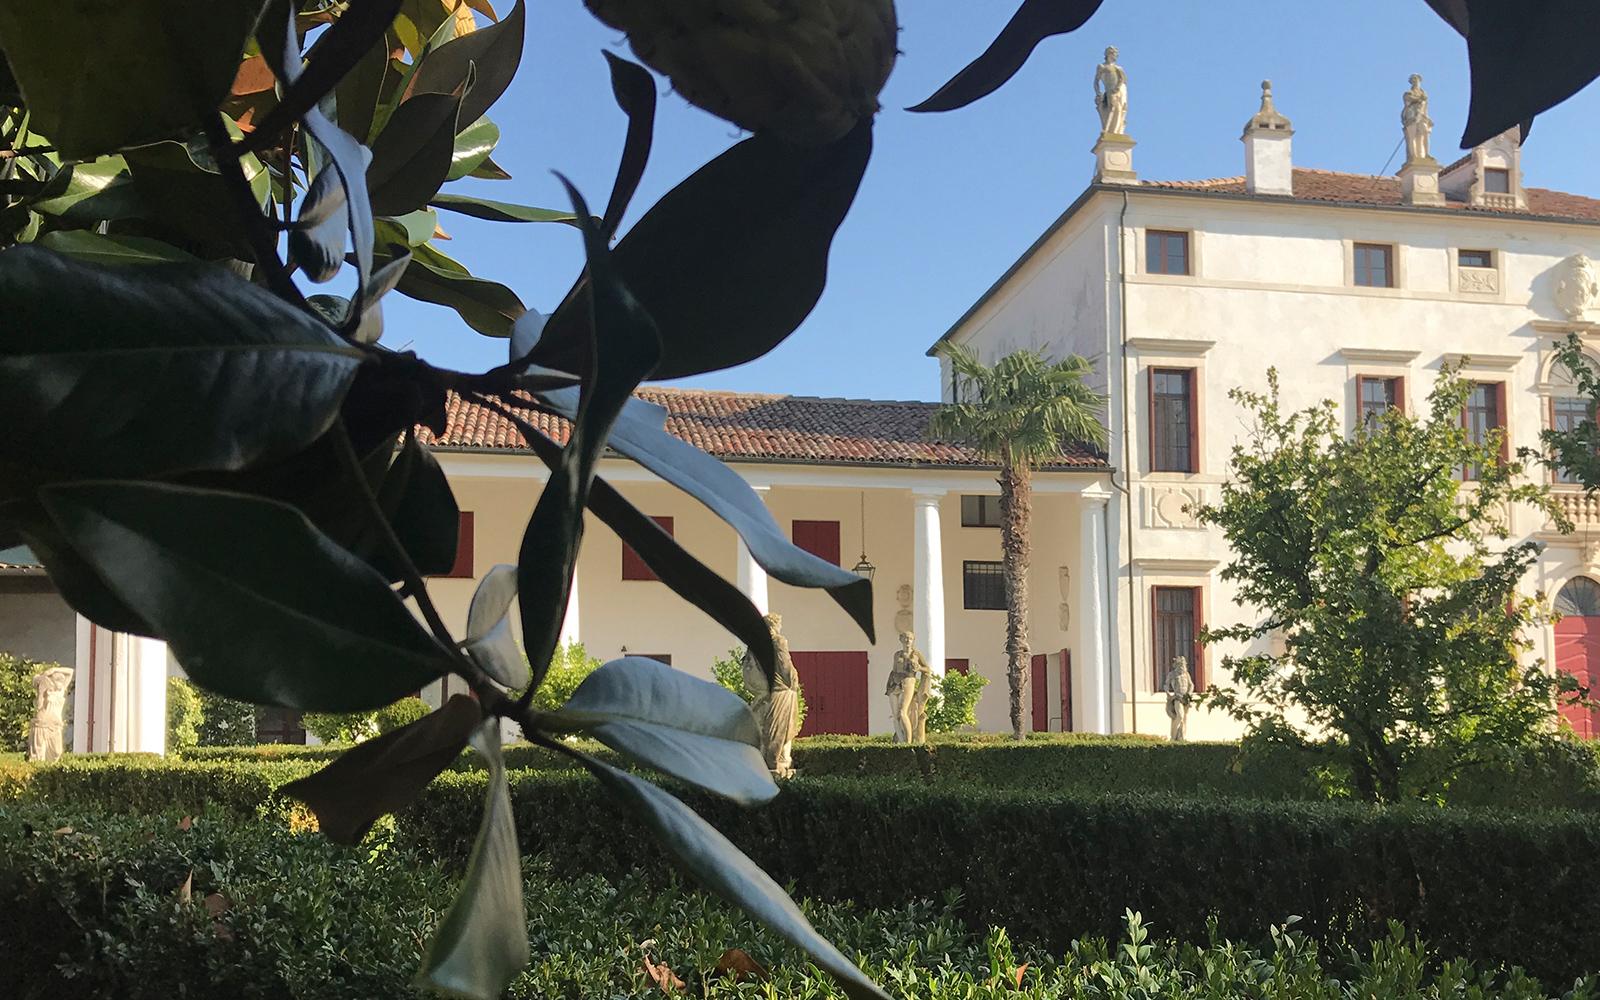 location feste Vicenza, location feste Padova, location feste private Padova